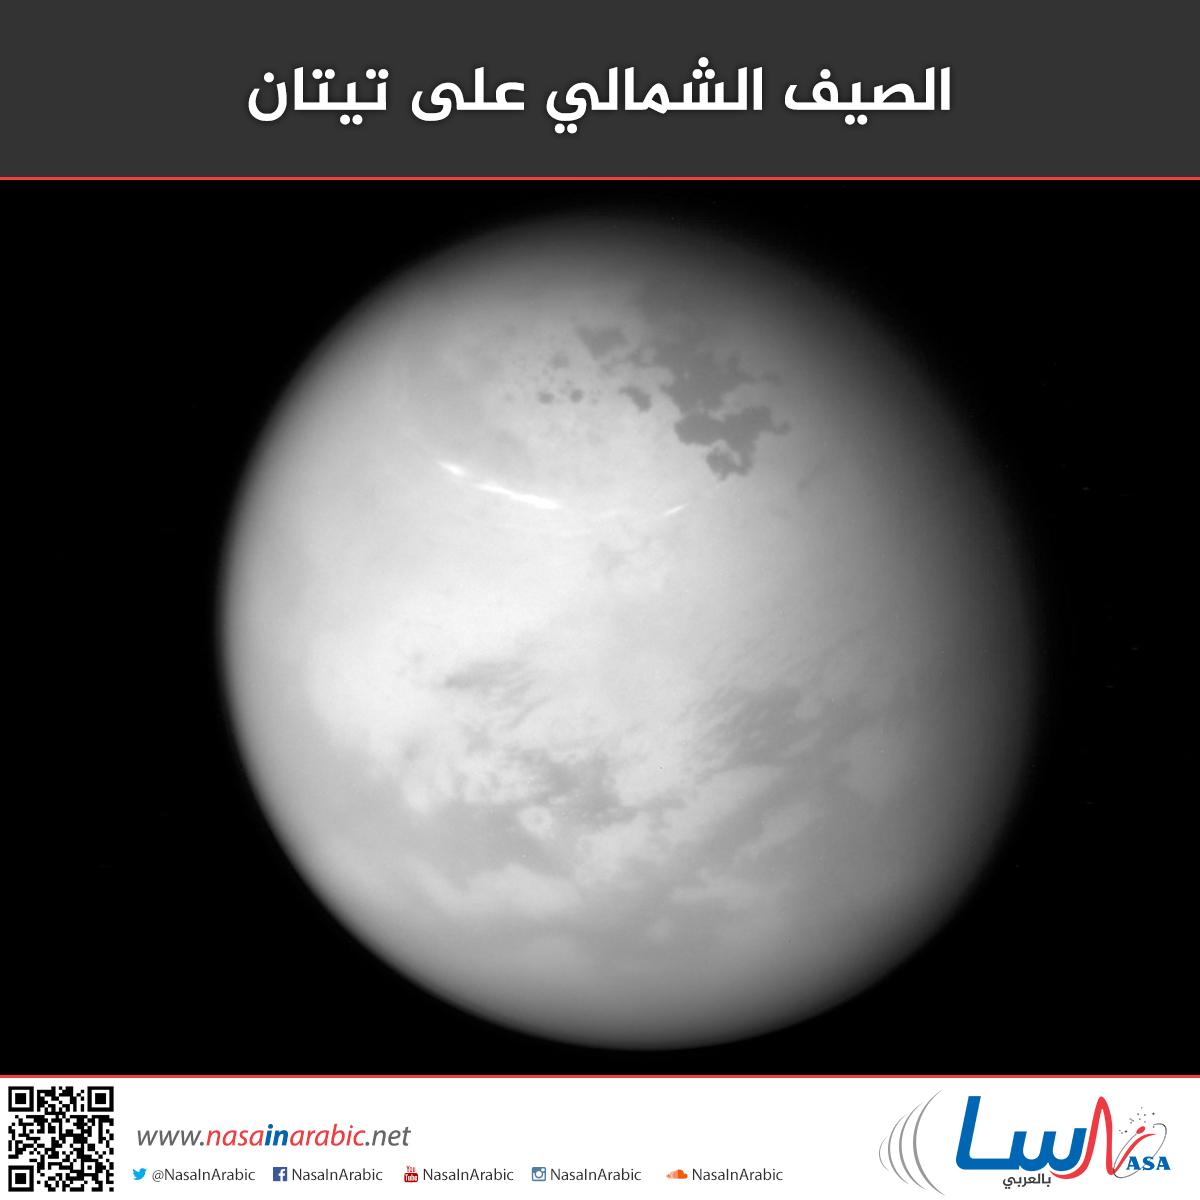 الصيف الشمالي على تيتان